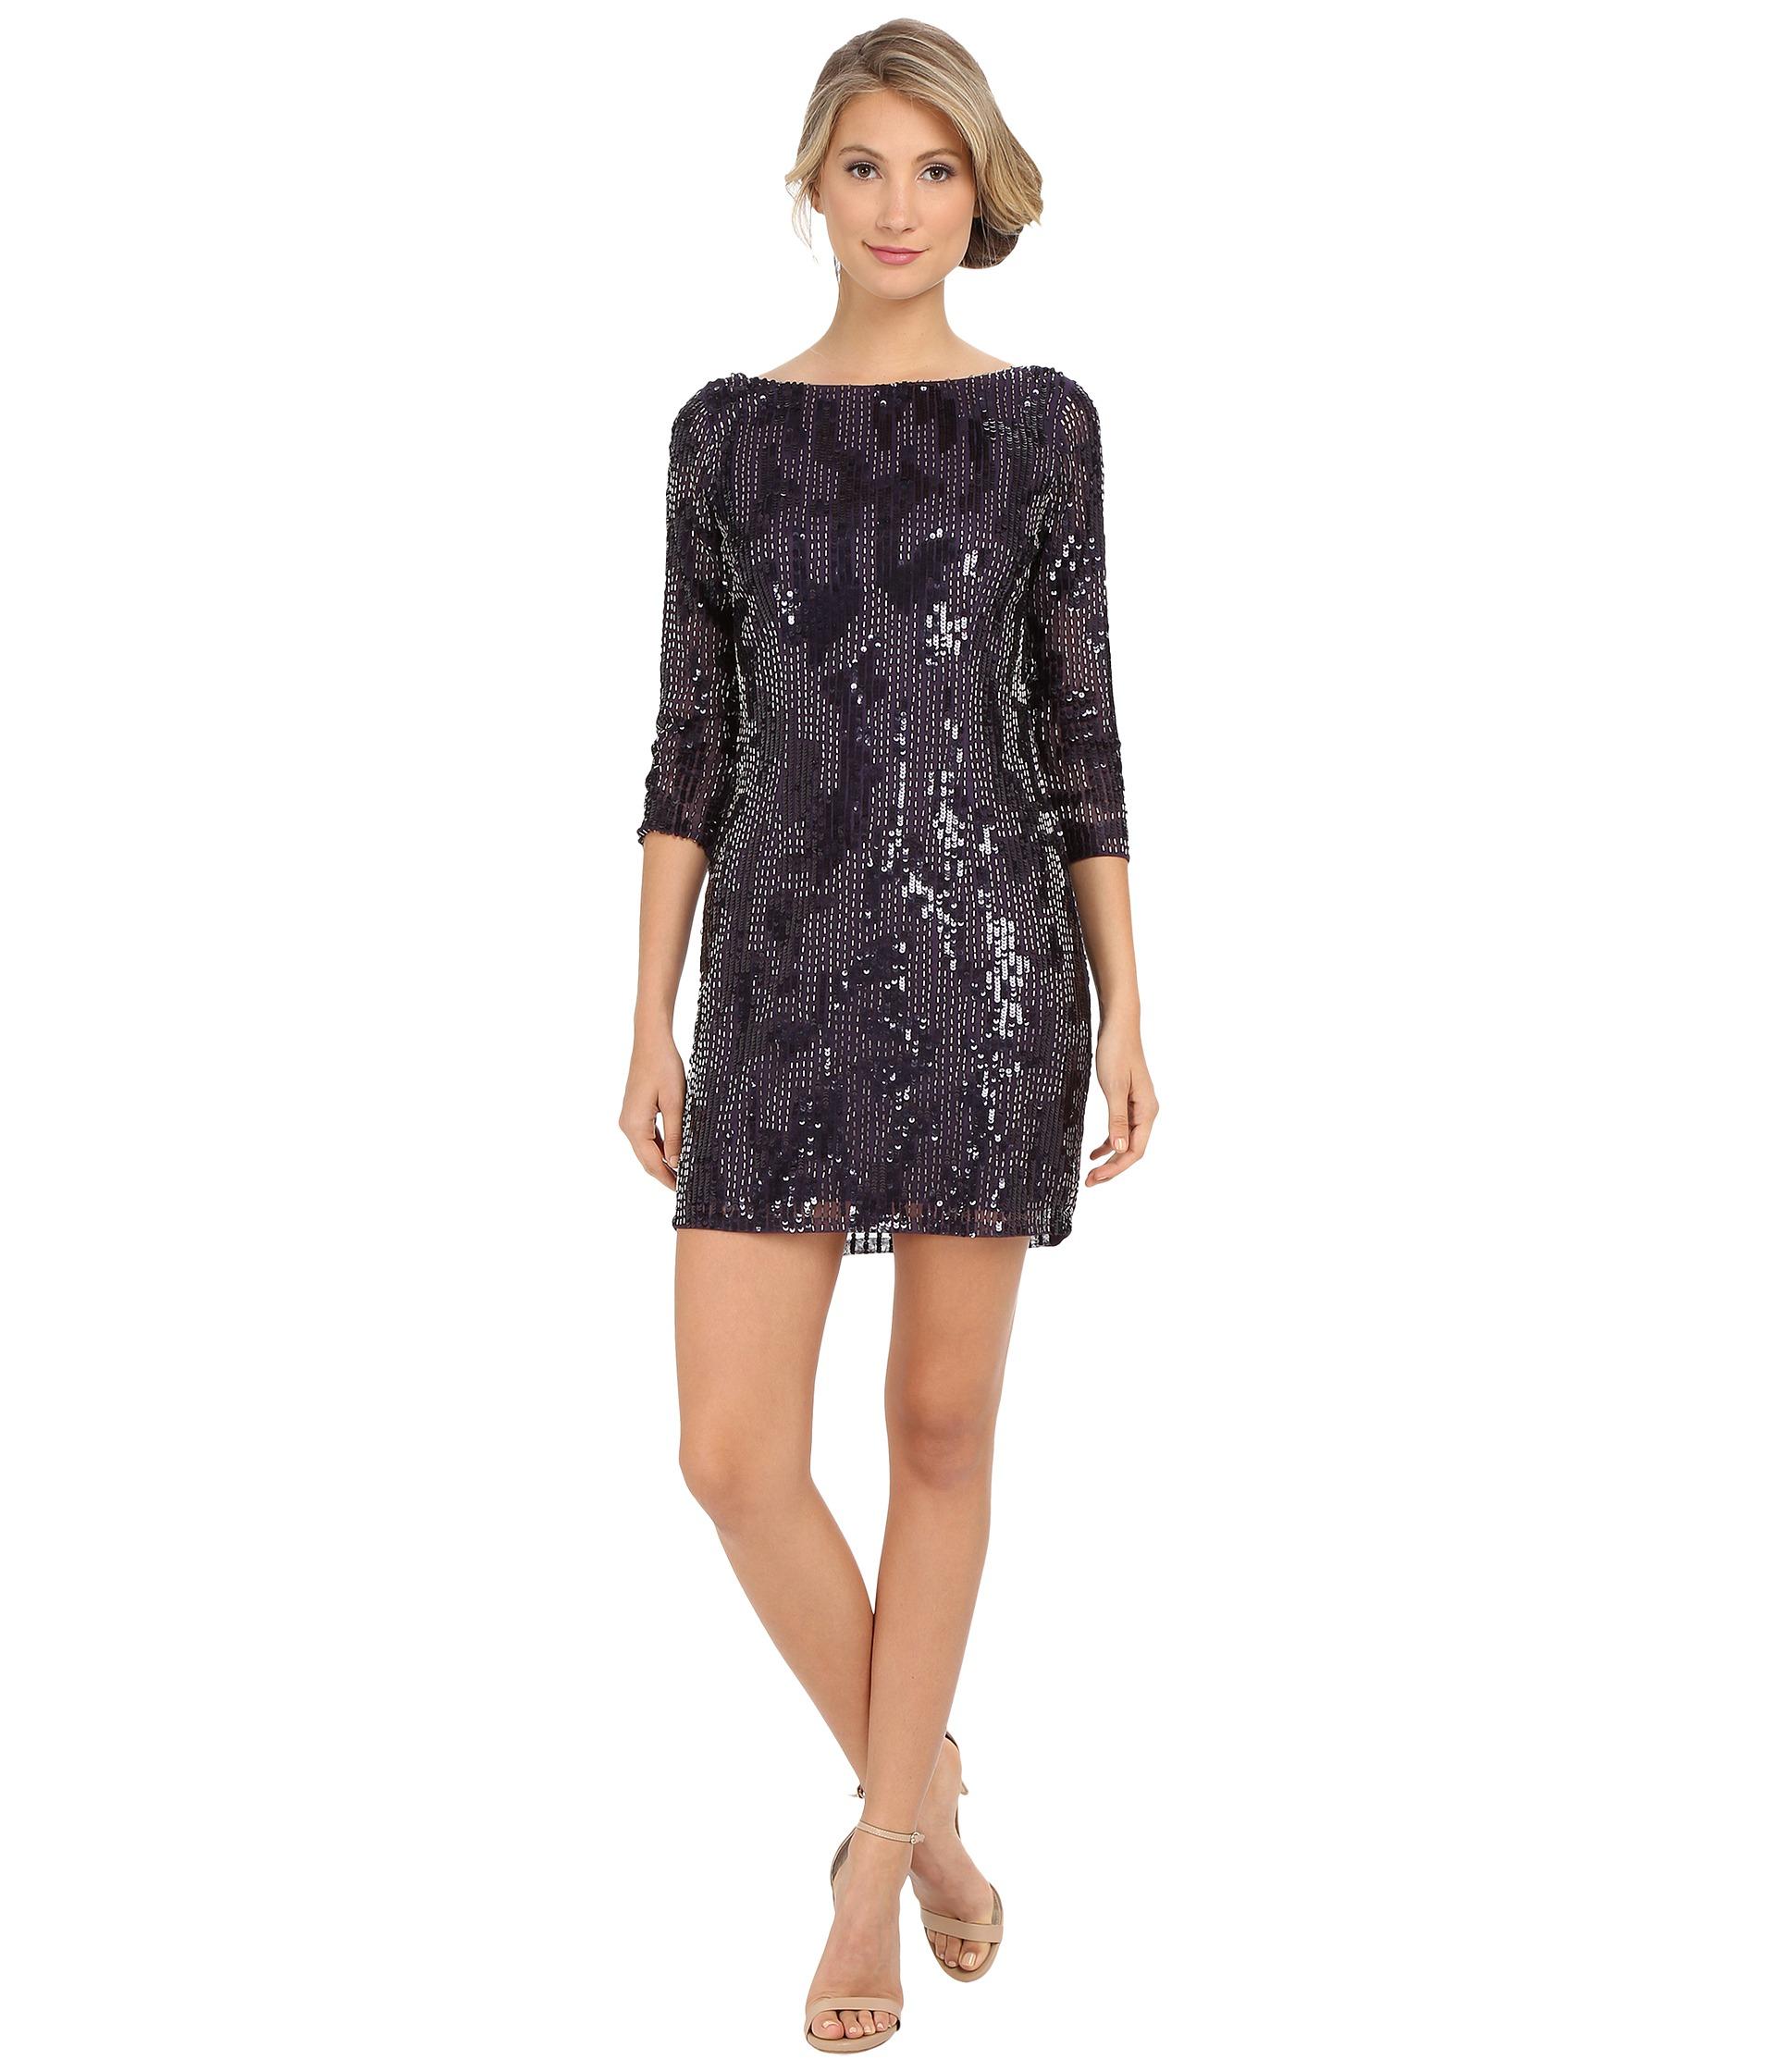 Drop waist beaded cocktail dress